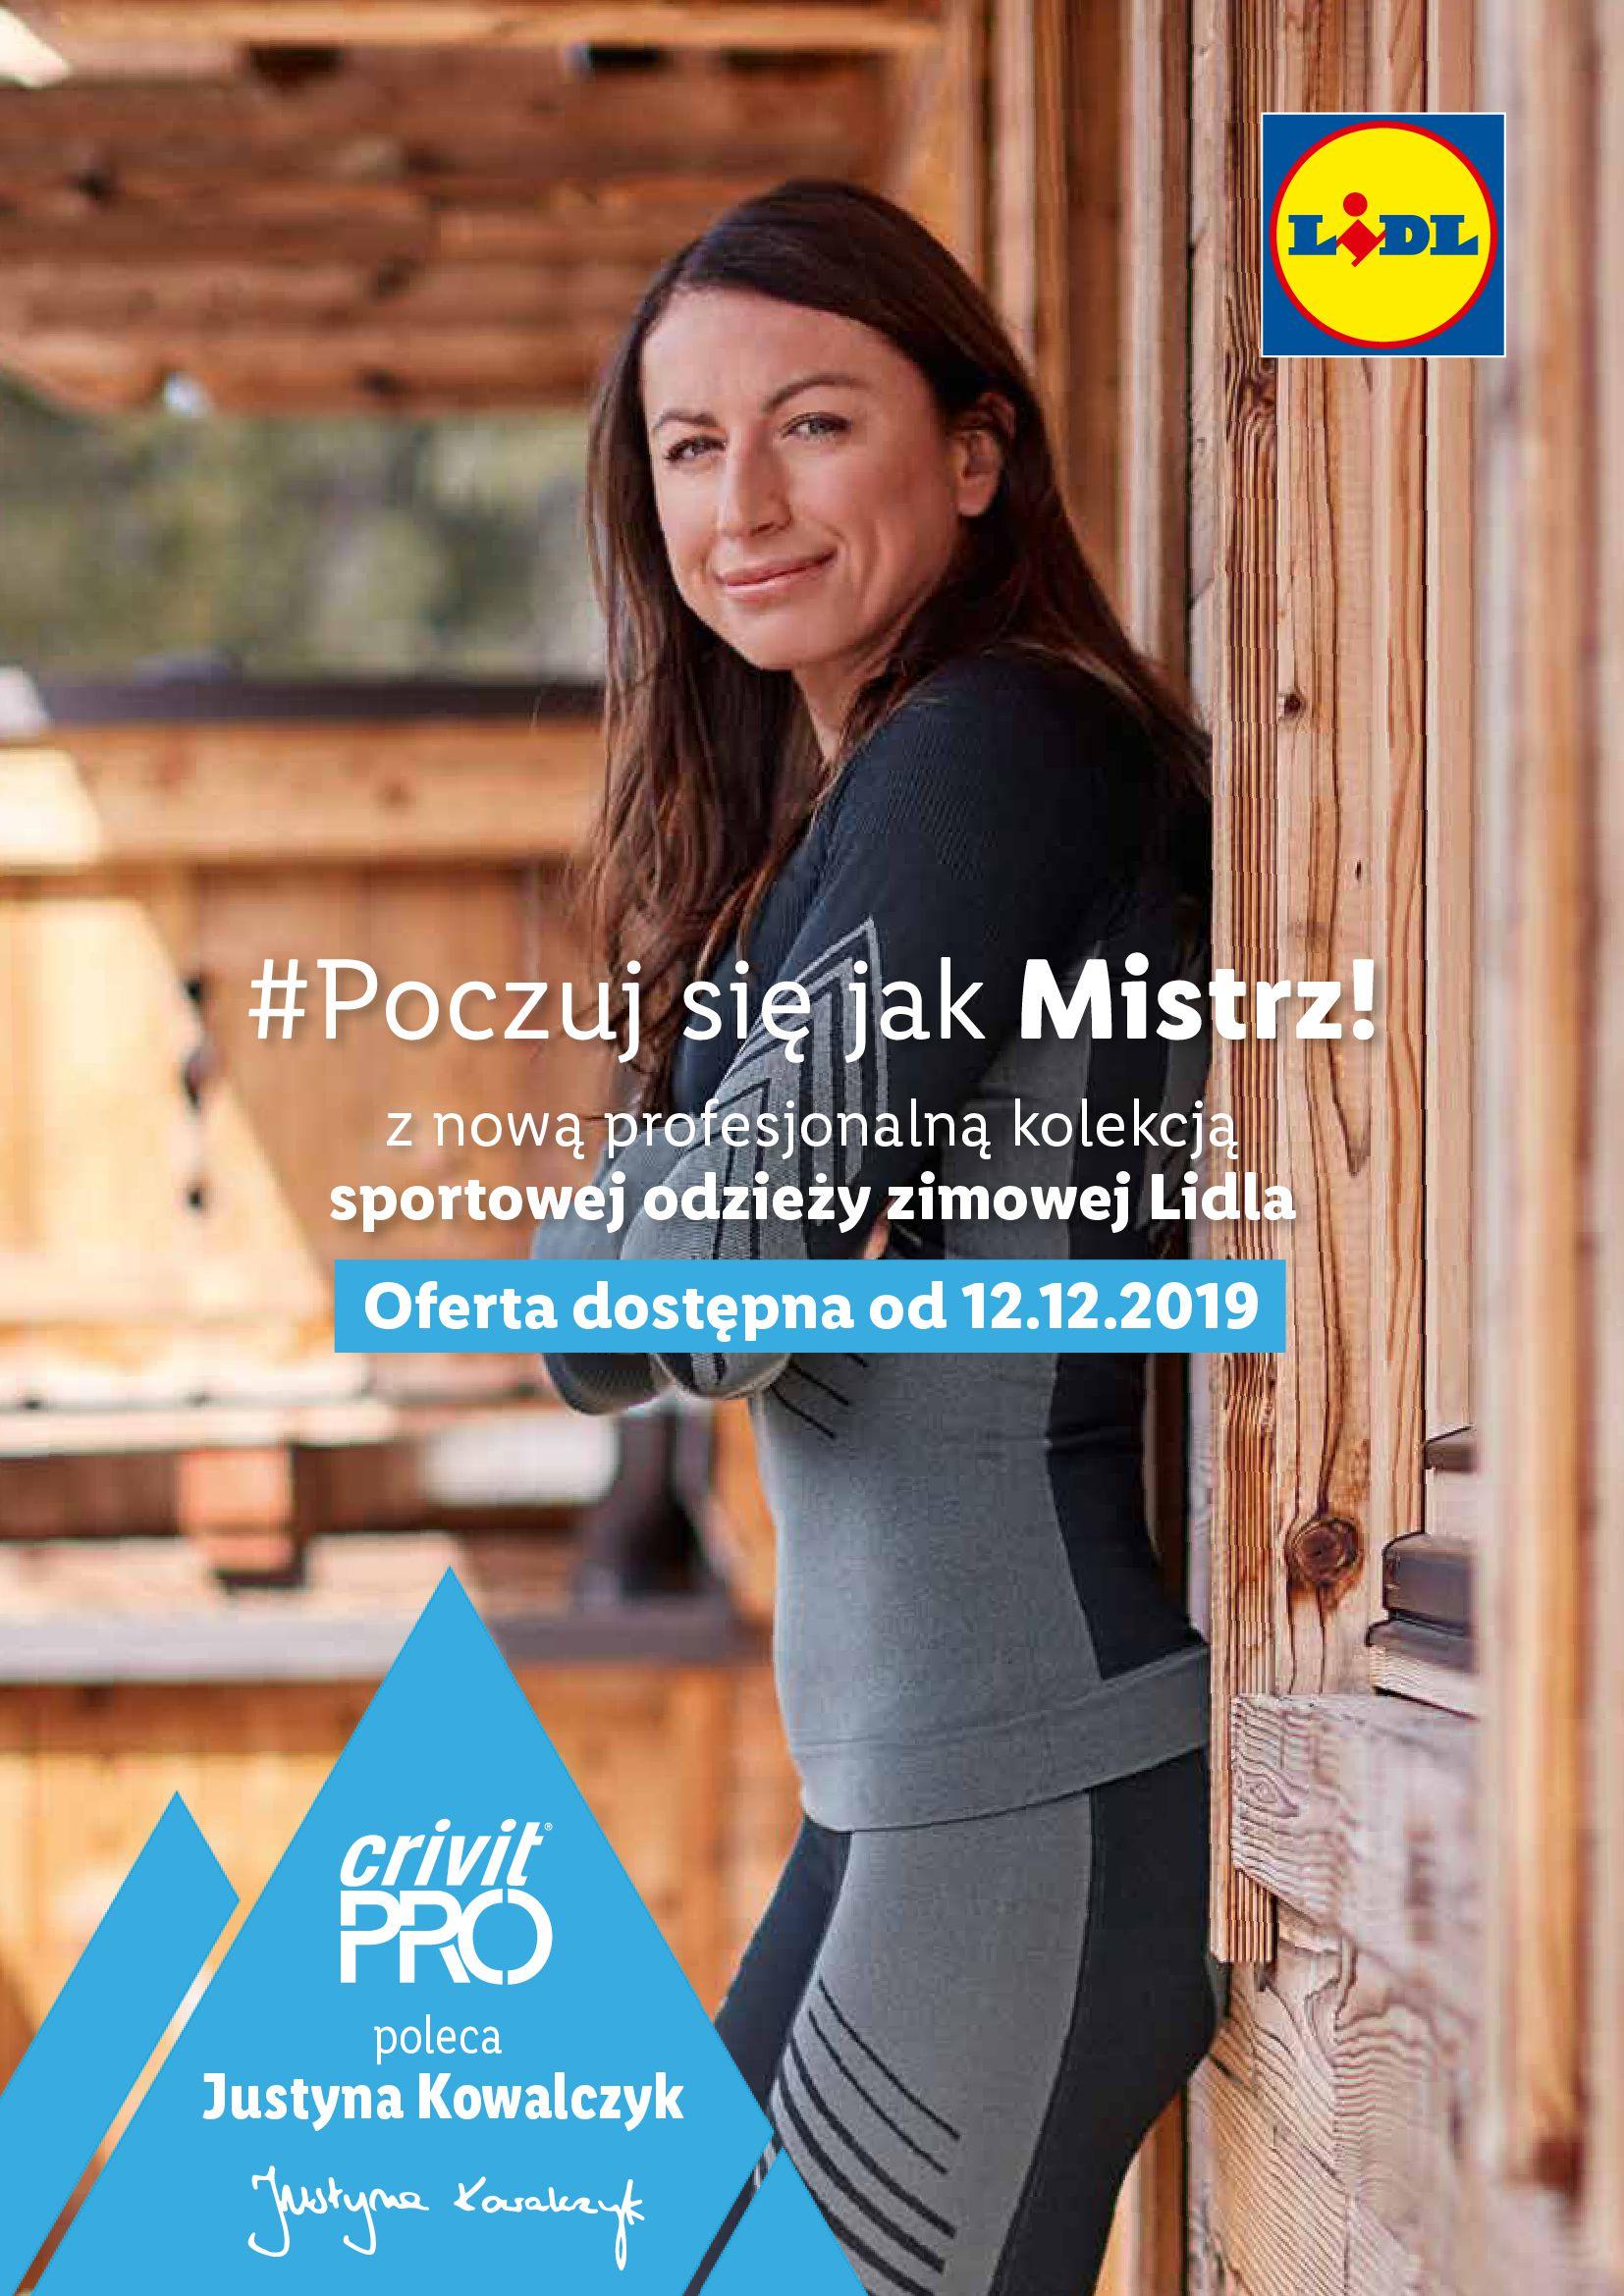 Gazetka Lidl - #Poczuj się jak Mistrz!-11.12.2019-22.12.2019-page-1